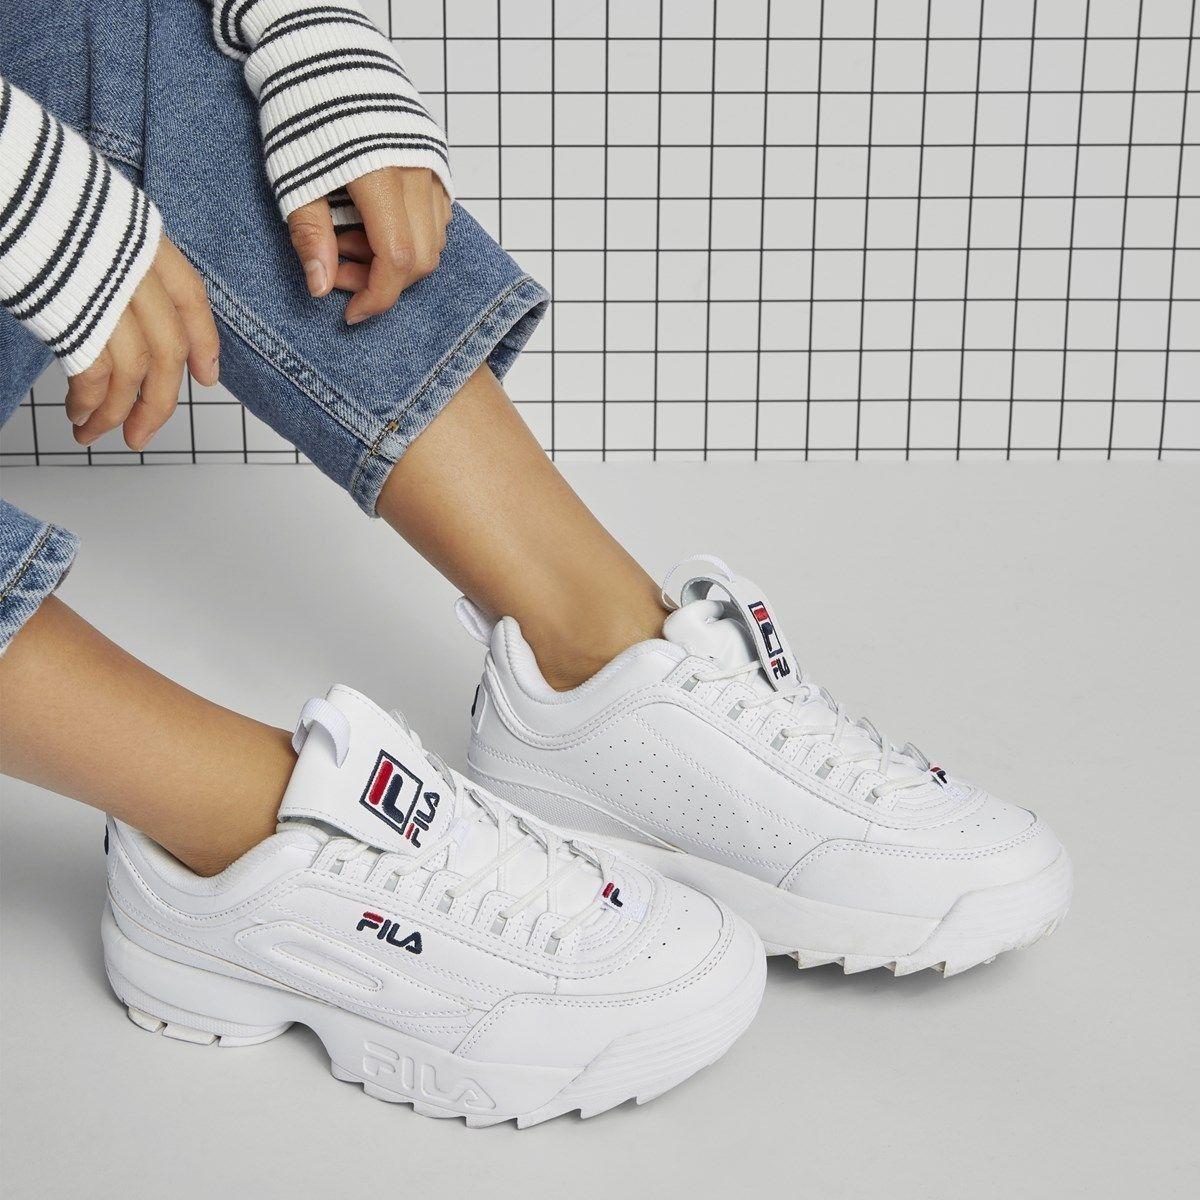 fashion shoes | Fila white sneakers